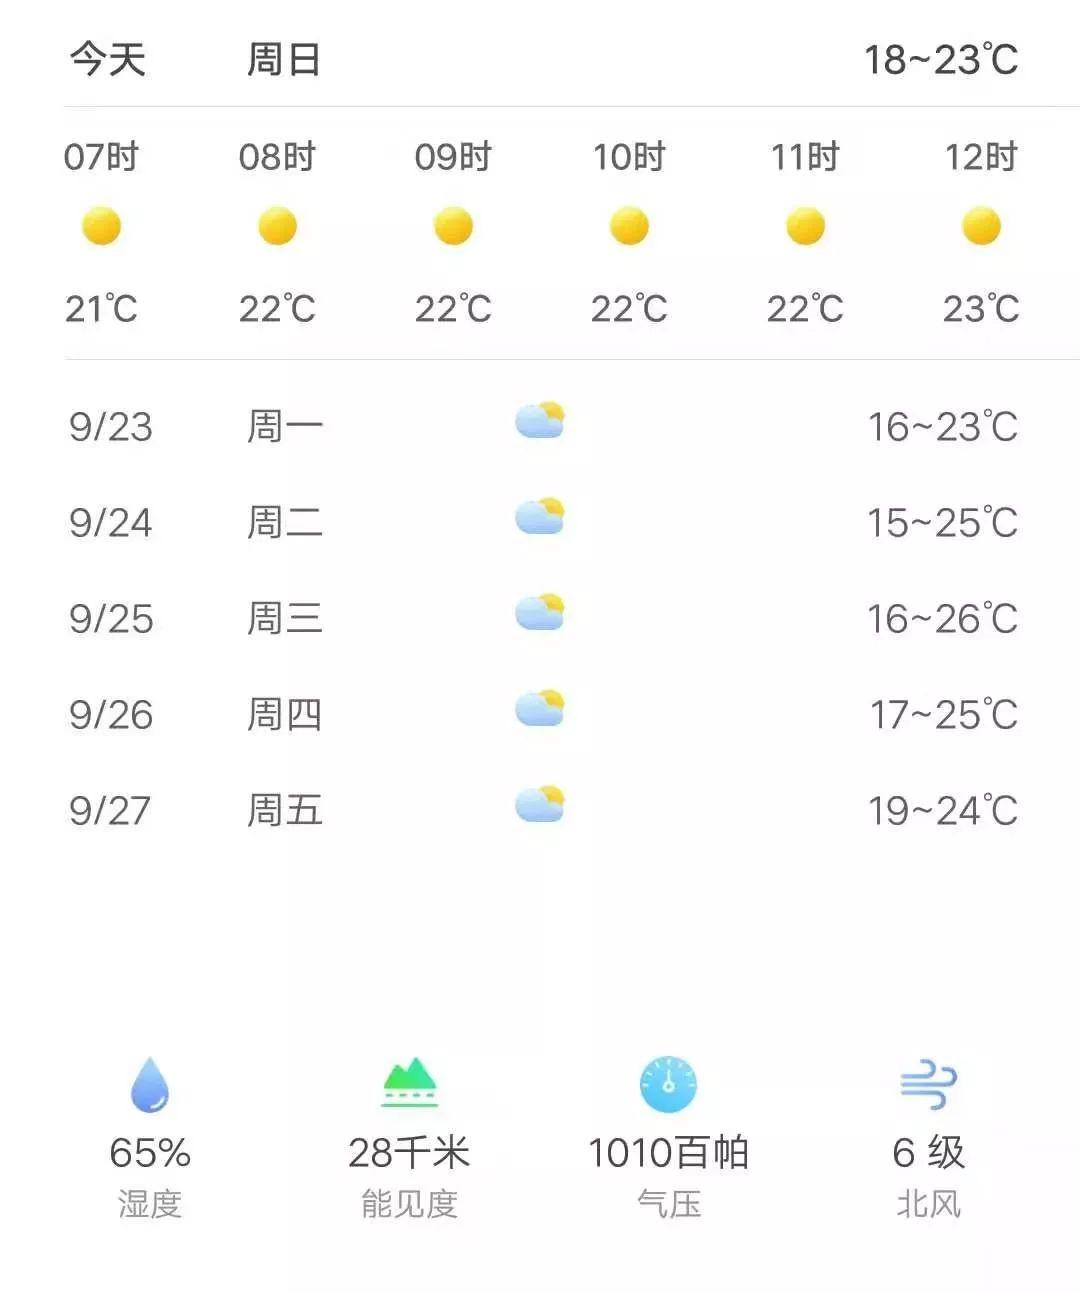 2019年9月22日烟台综合广播《新闻早报》